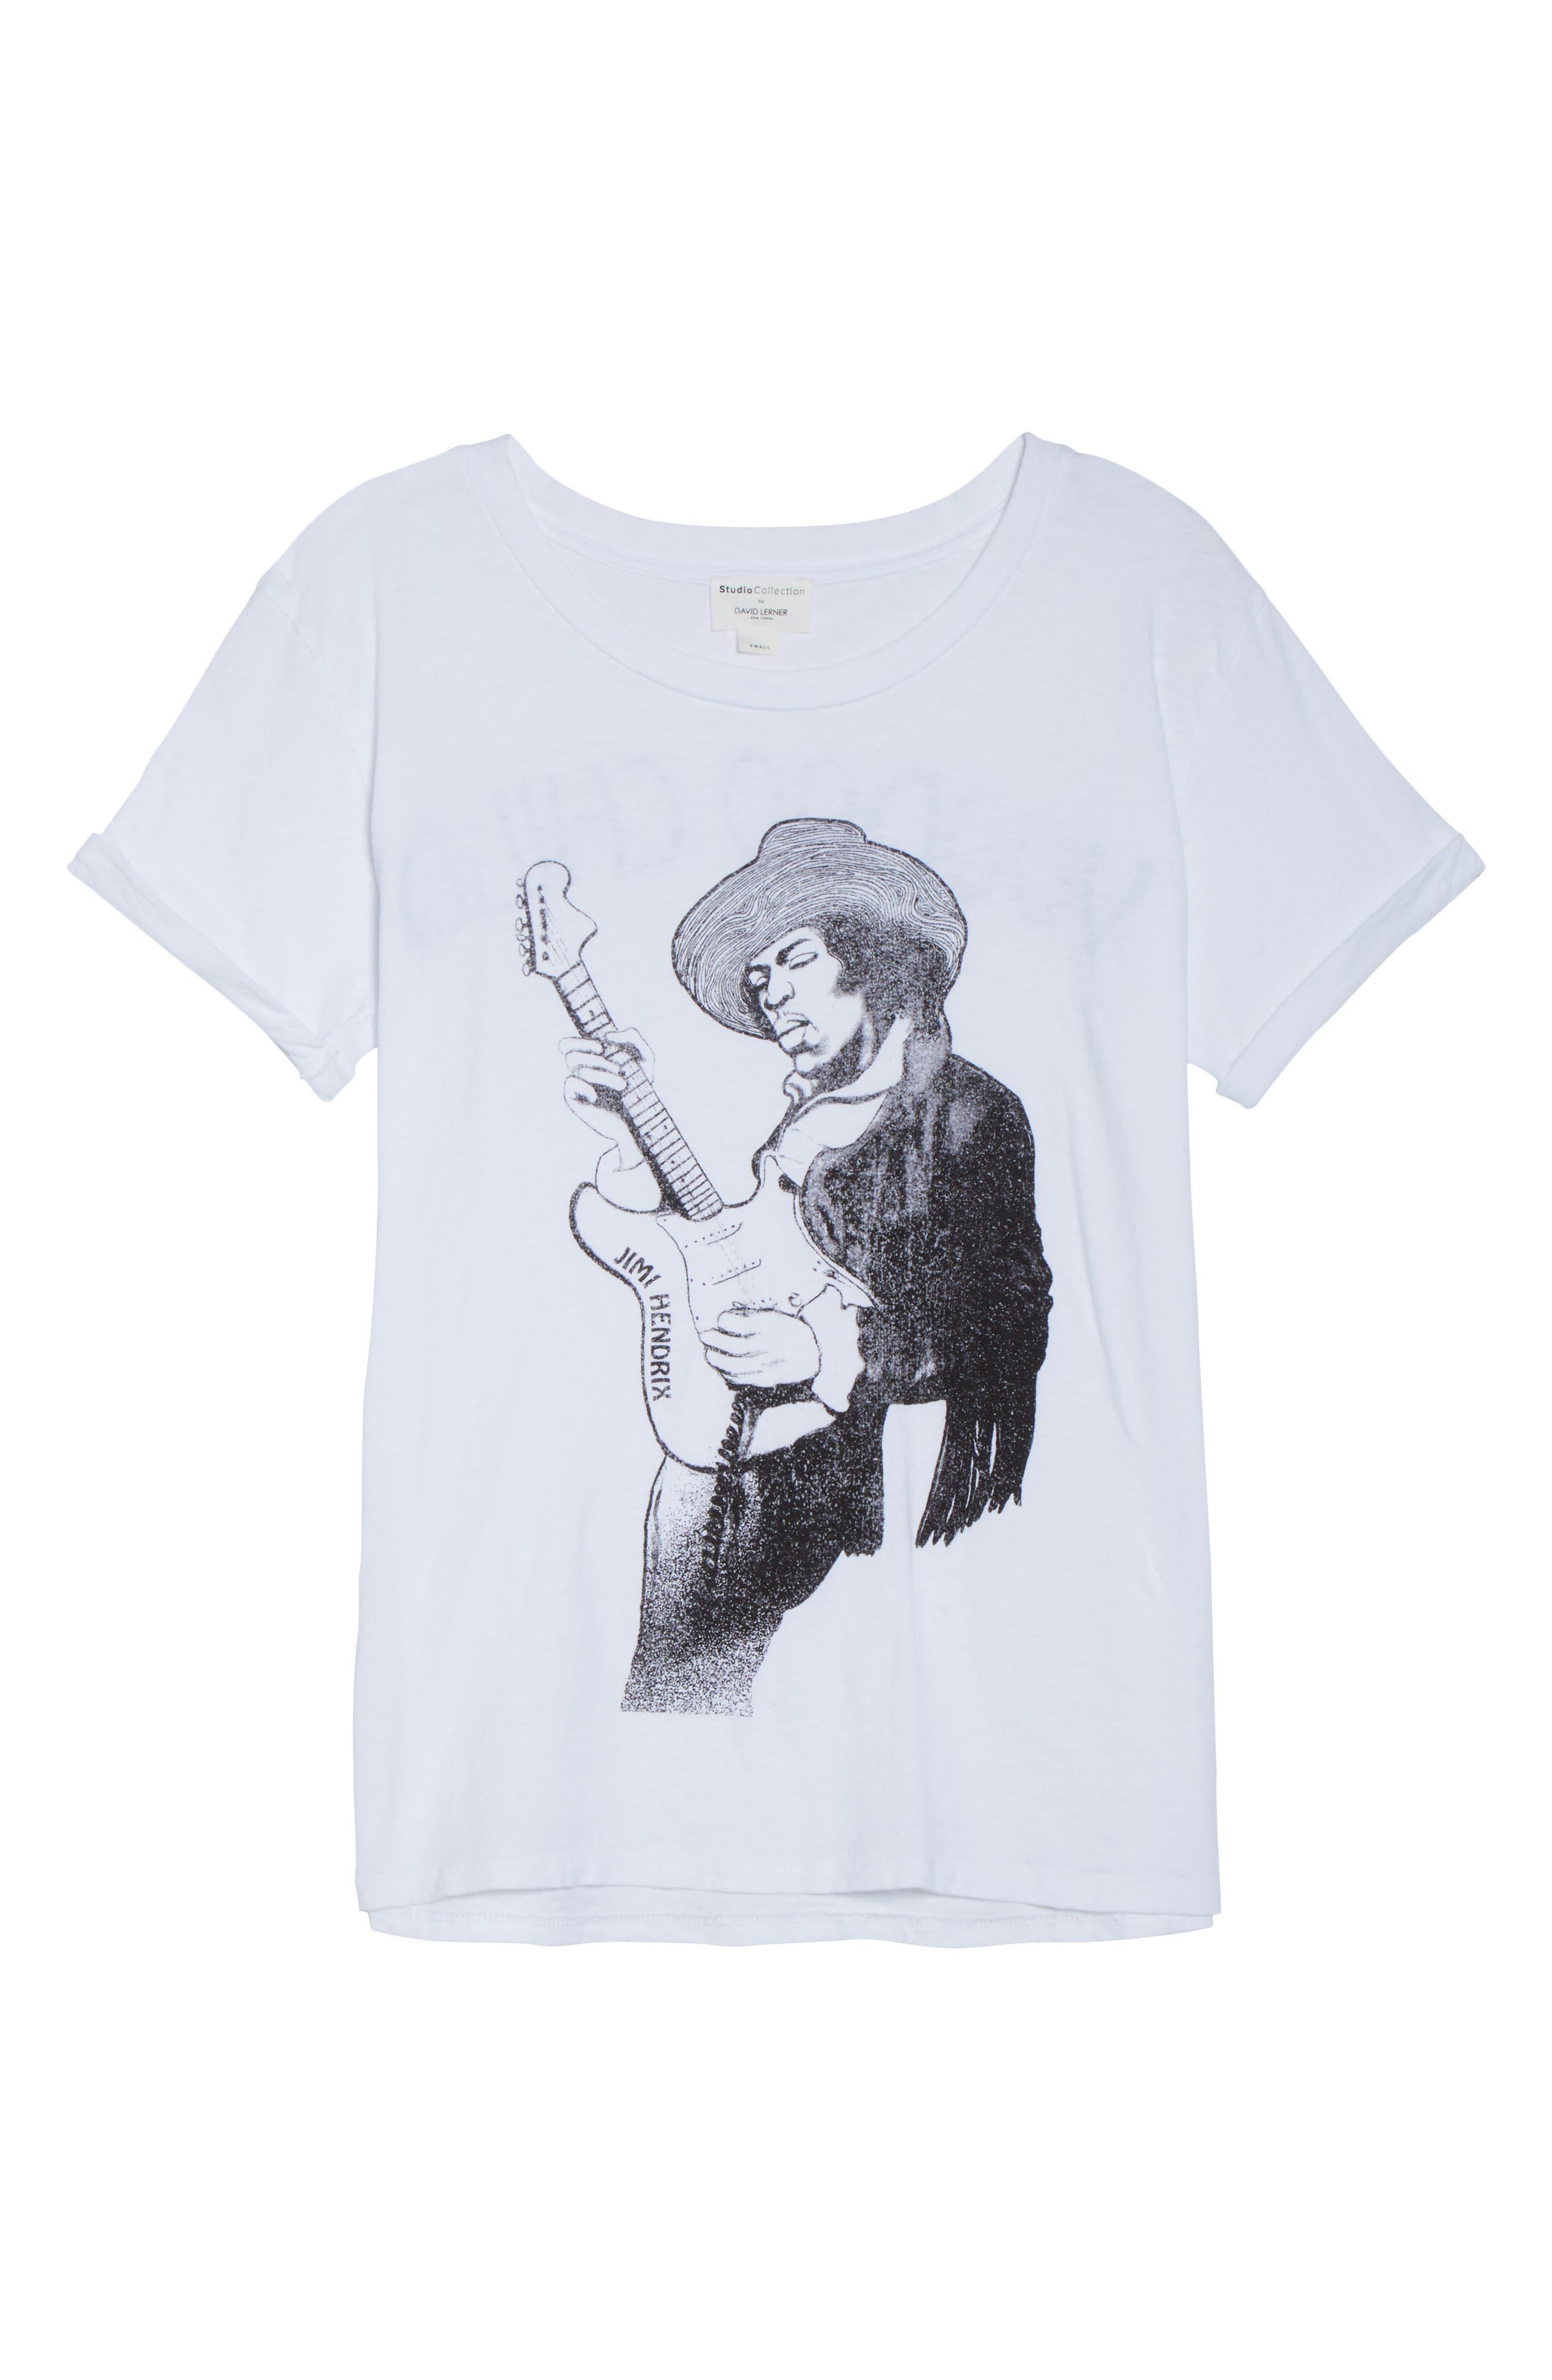 Jimi Hendrix Tee,                             Alternate thumbnail 4, color,                             White